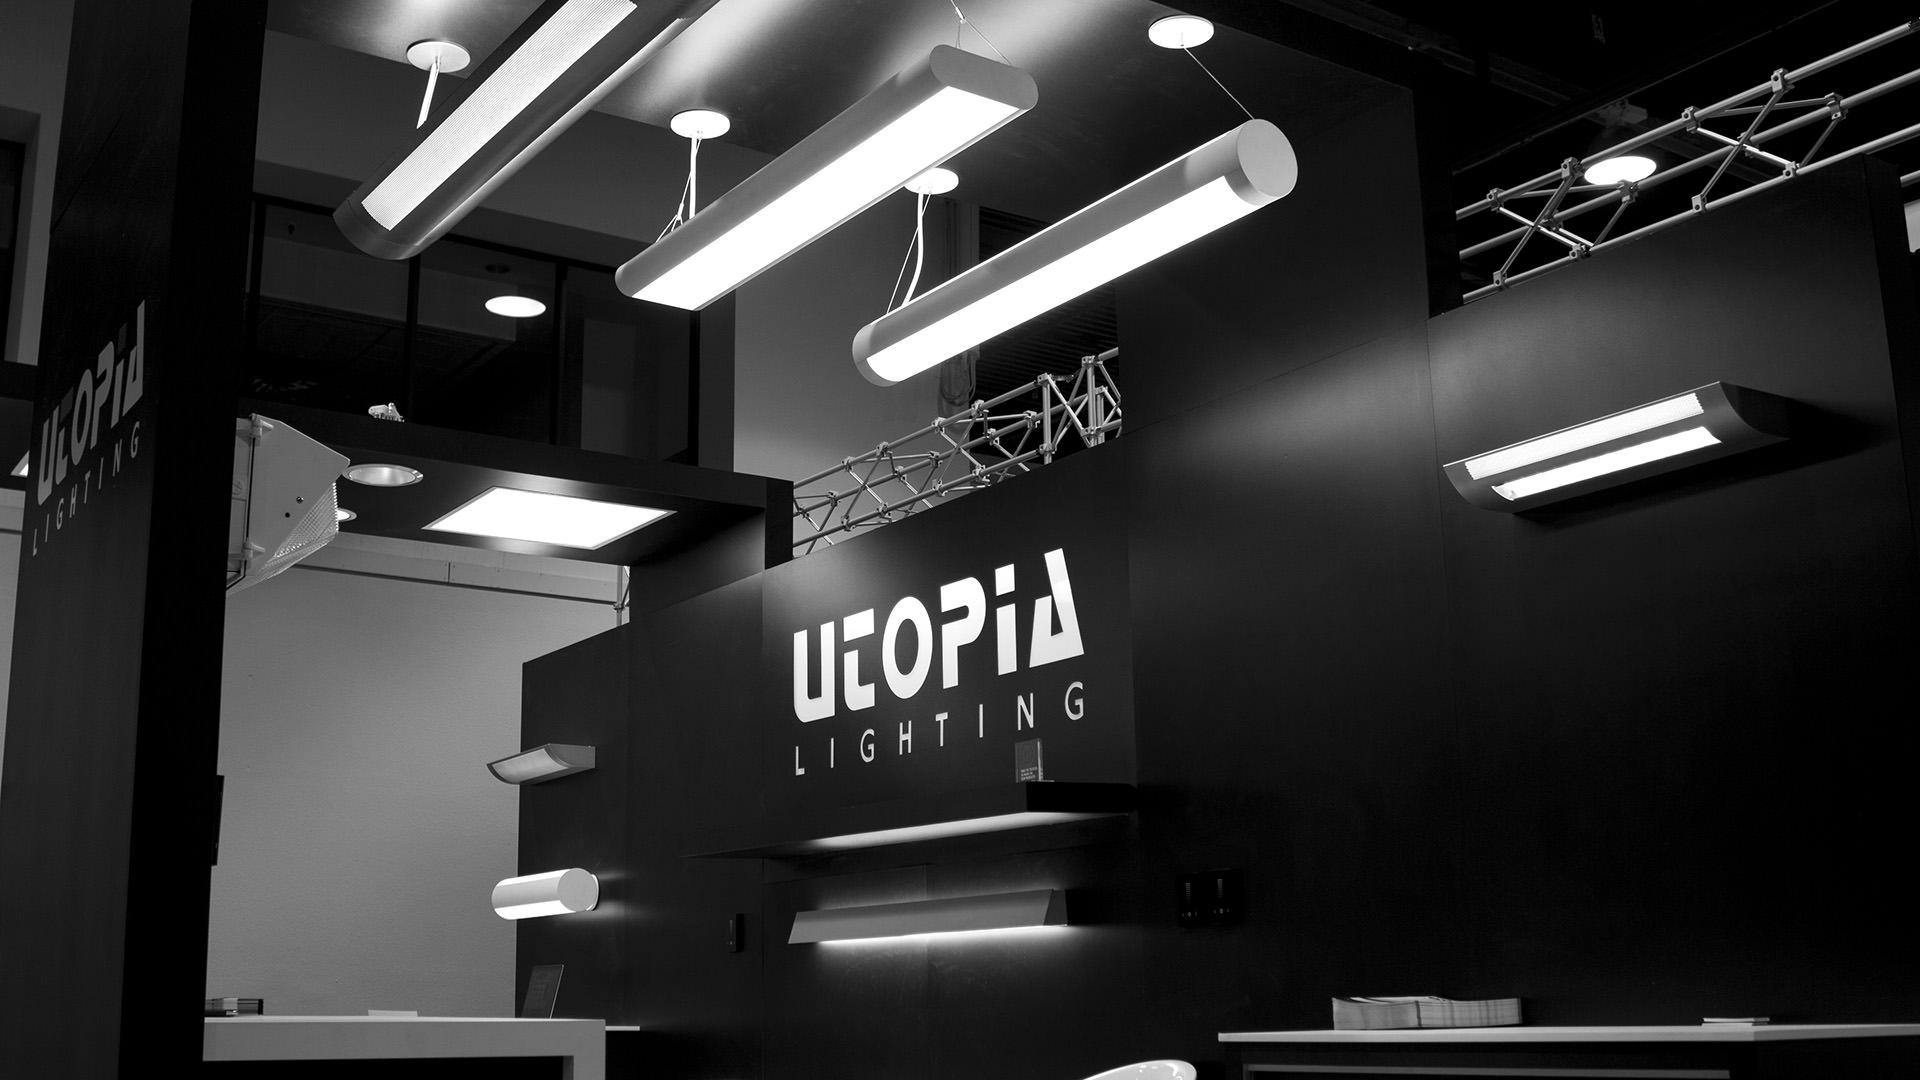 utopia-1.jpg